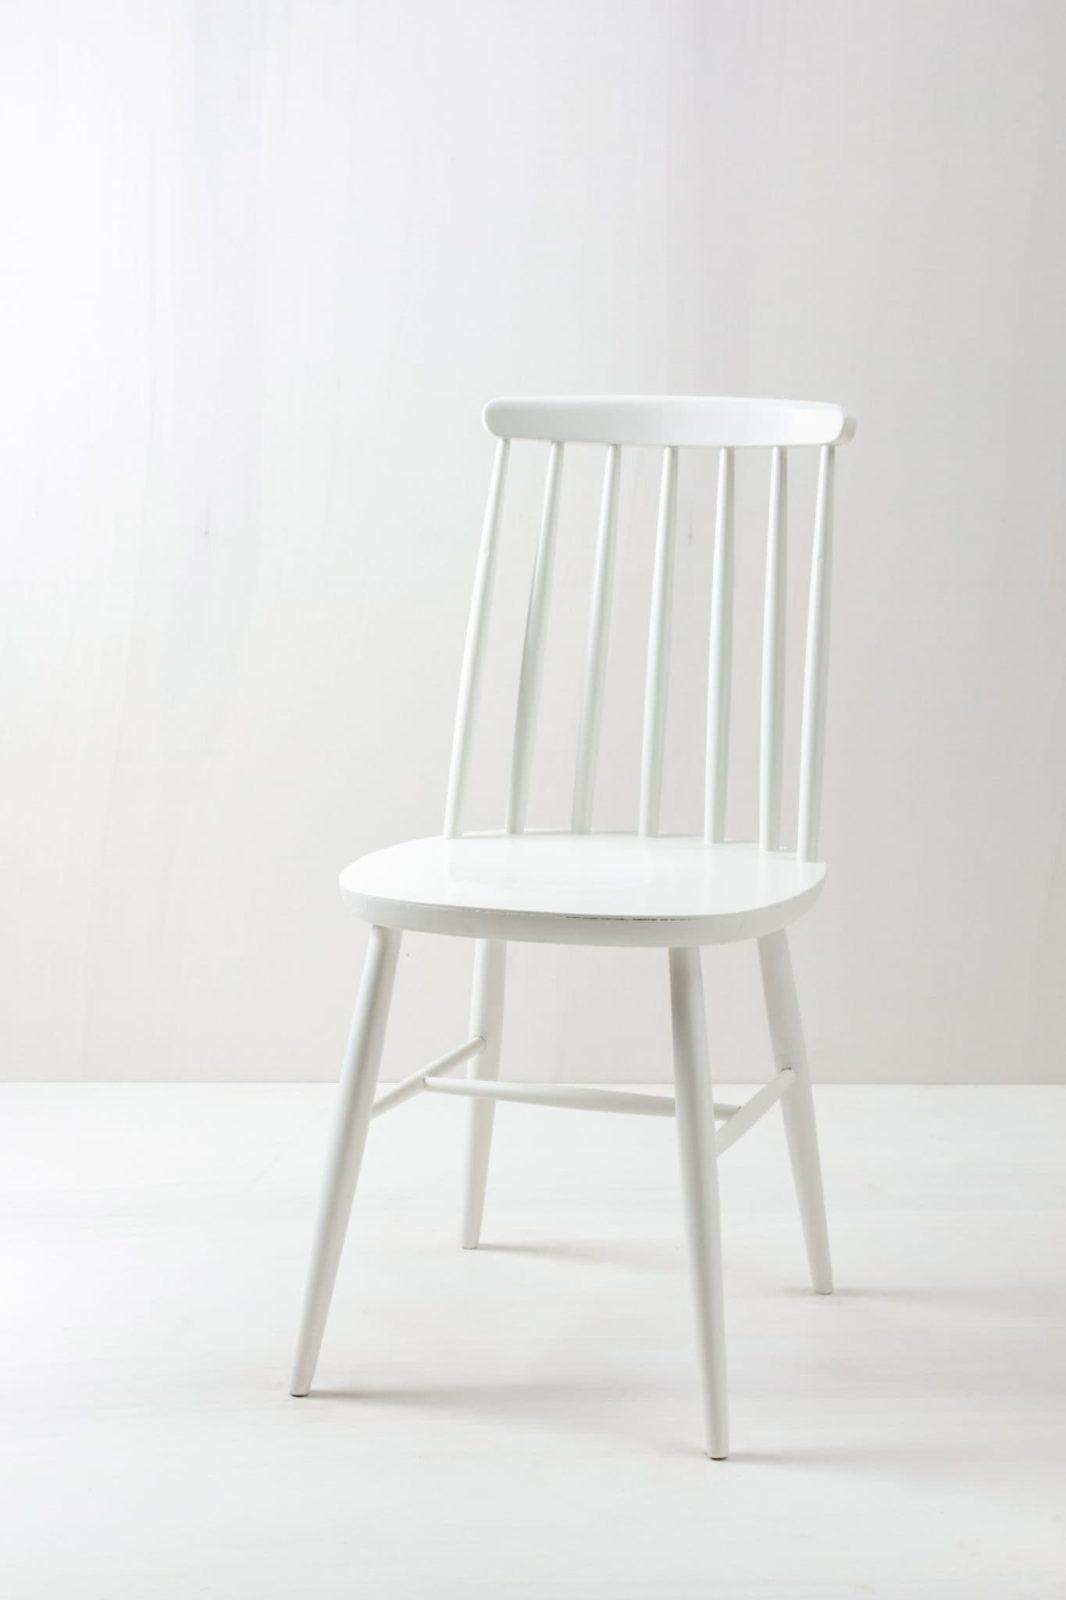 Sprossenstuhl Gema | Vintage Sprossenstuhl im Tapiovaara Look, seidenmatt weiß lackiert. | gotvintage Rental & Event Design